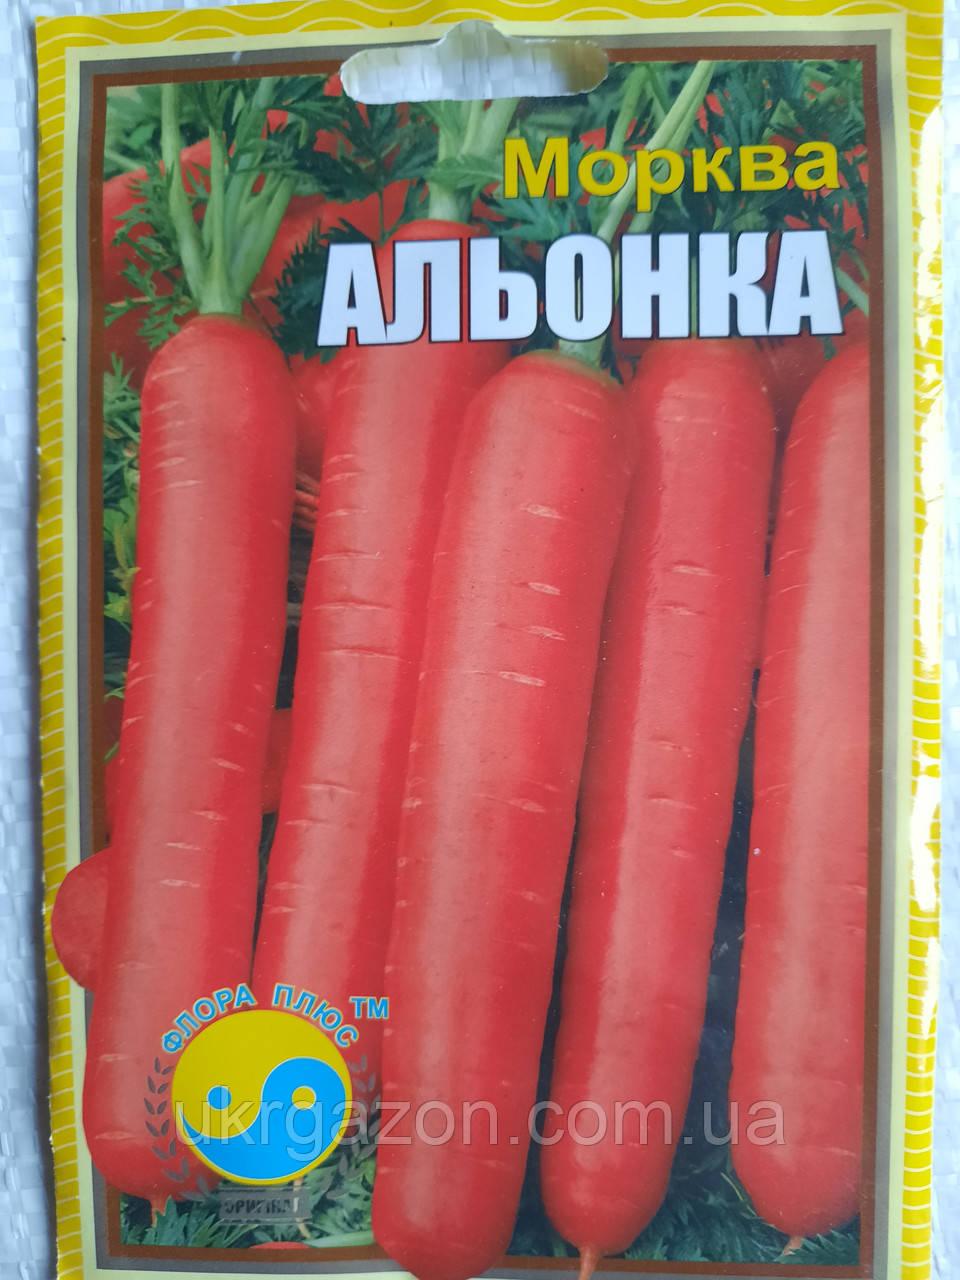 Морква Альонка 15 грам.